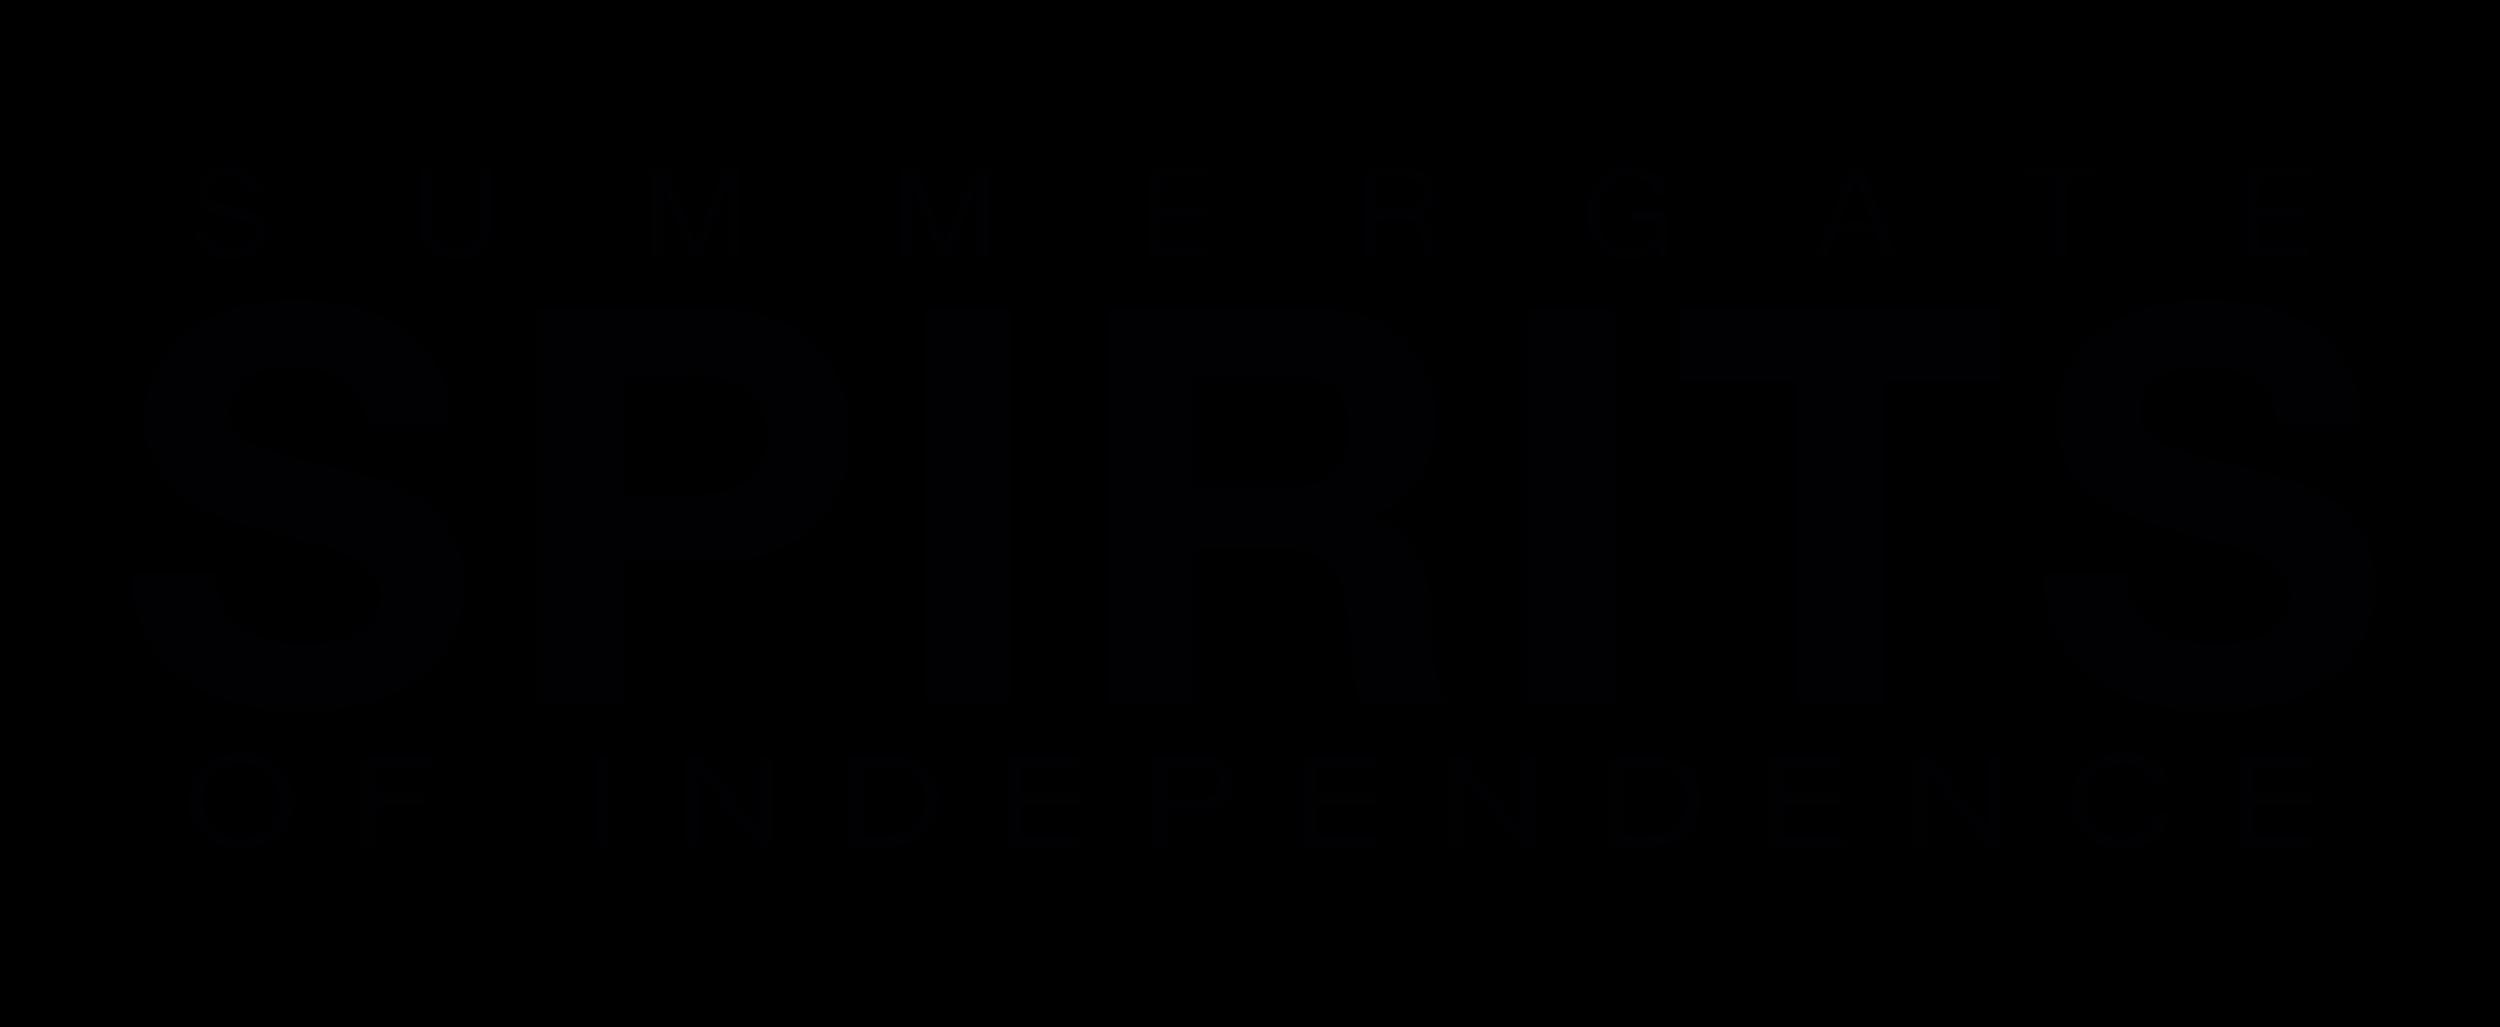 logo SOI final.png